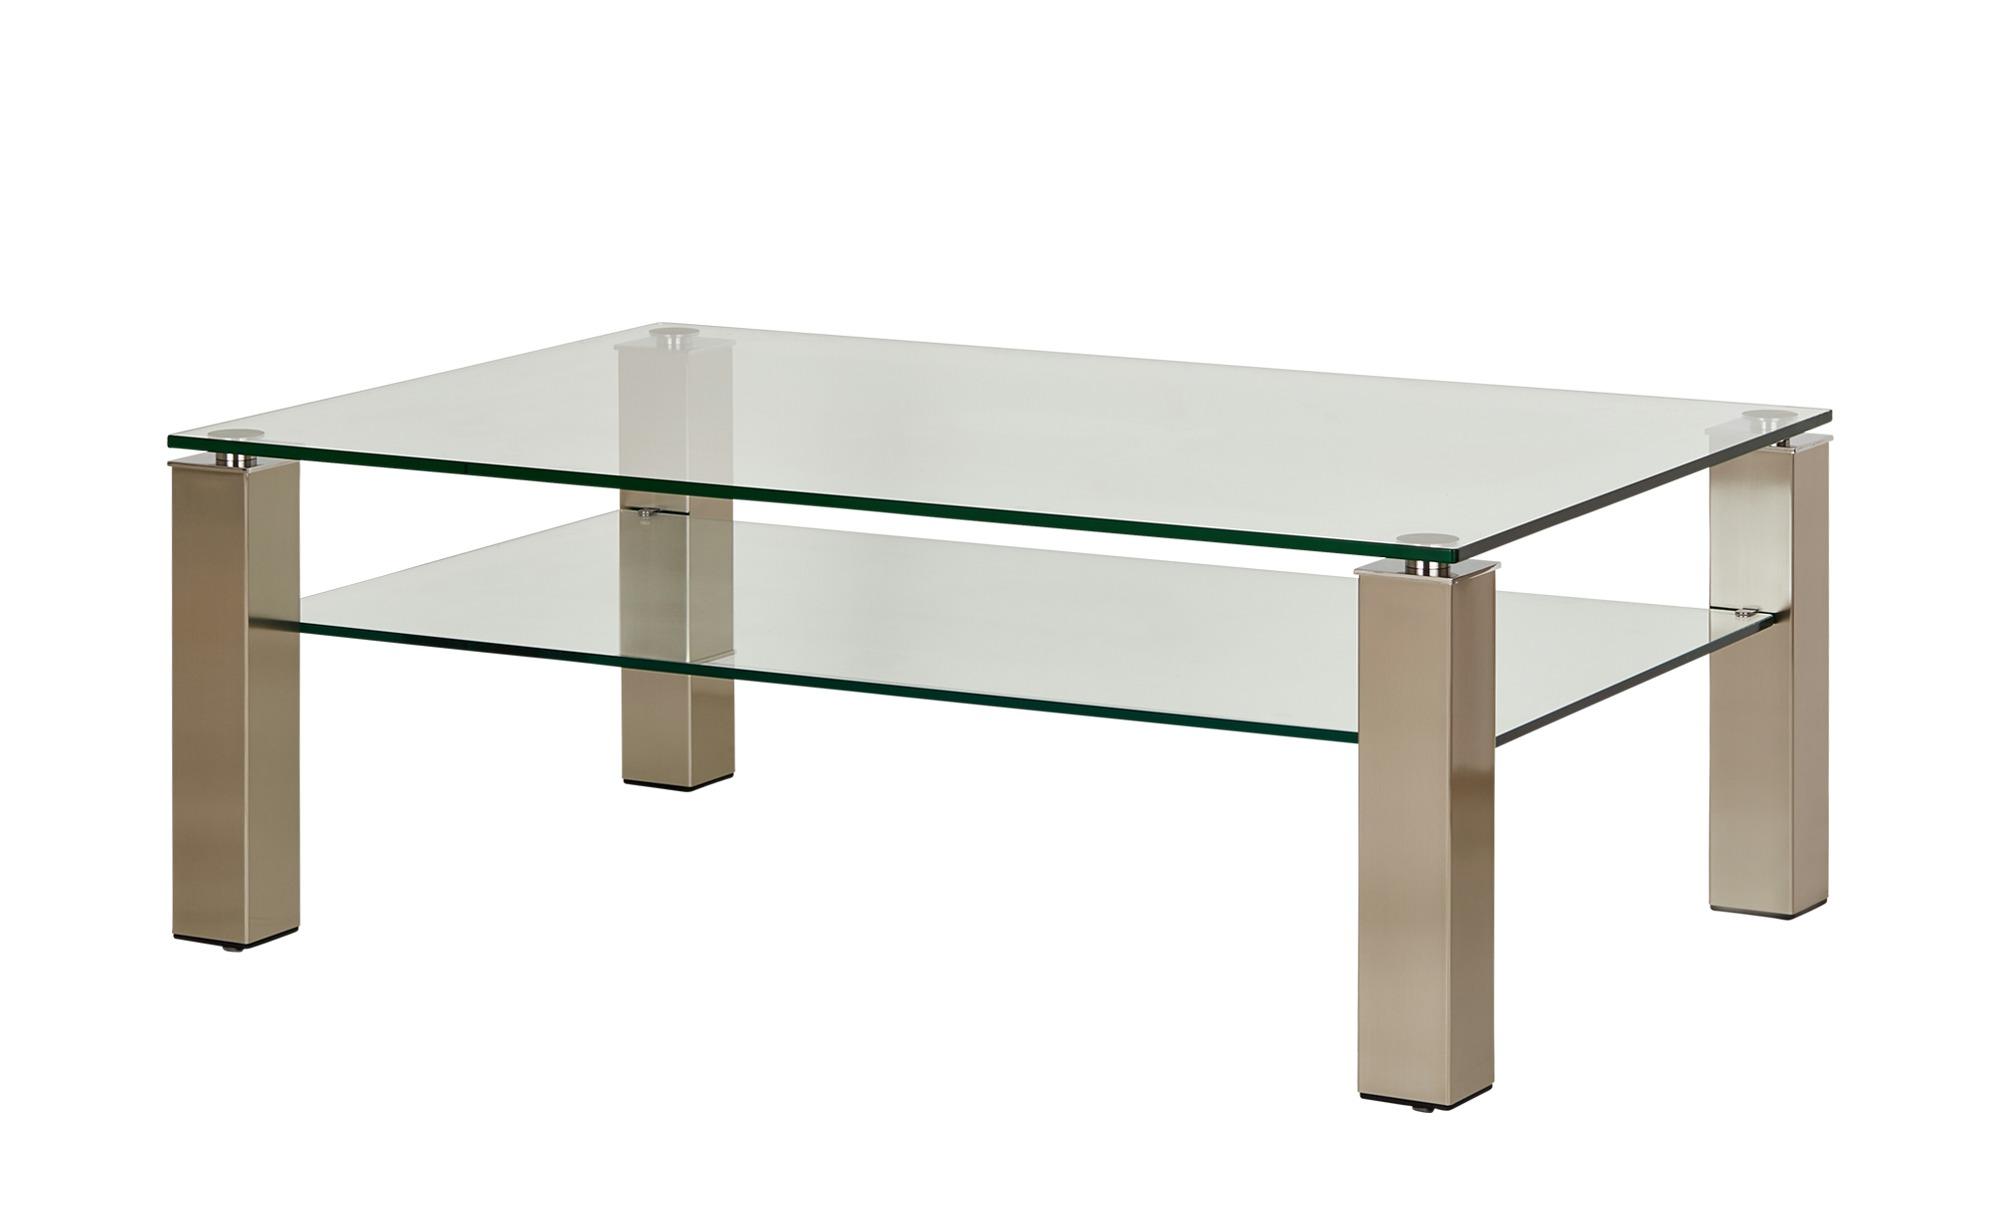 Glas-Couchtisch mit Rollen  Heze ¦ silber ¦ Maße (cm): B: 80 H: 46 T: 80 Tische > Couchtische > Couchtische rechteckig - Höffner